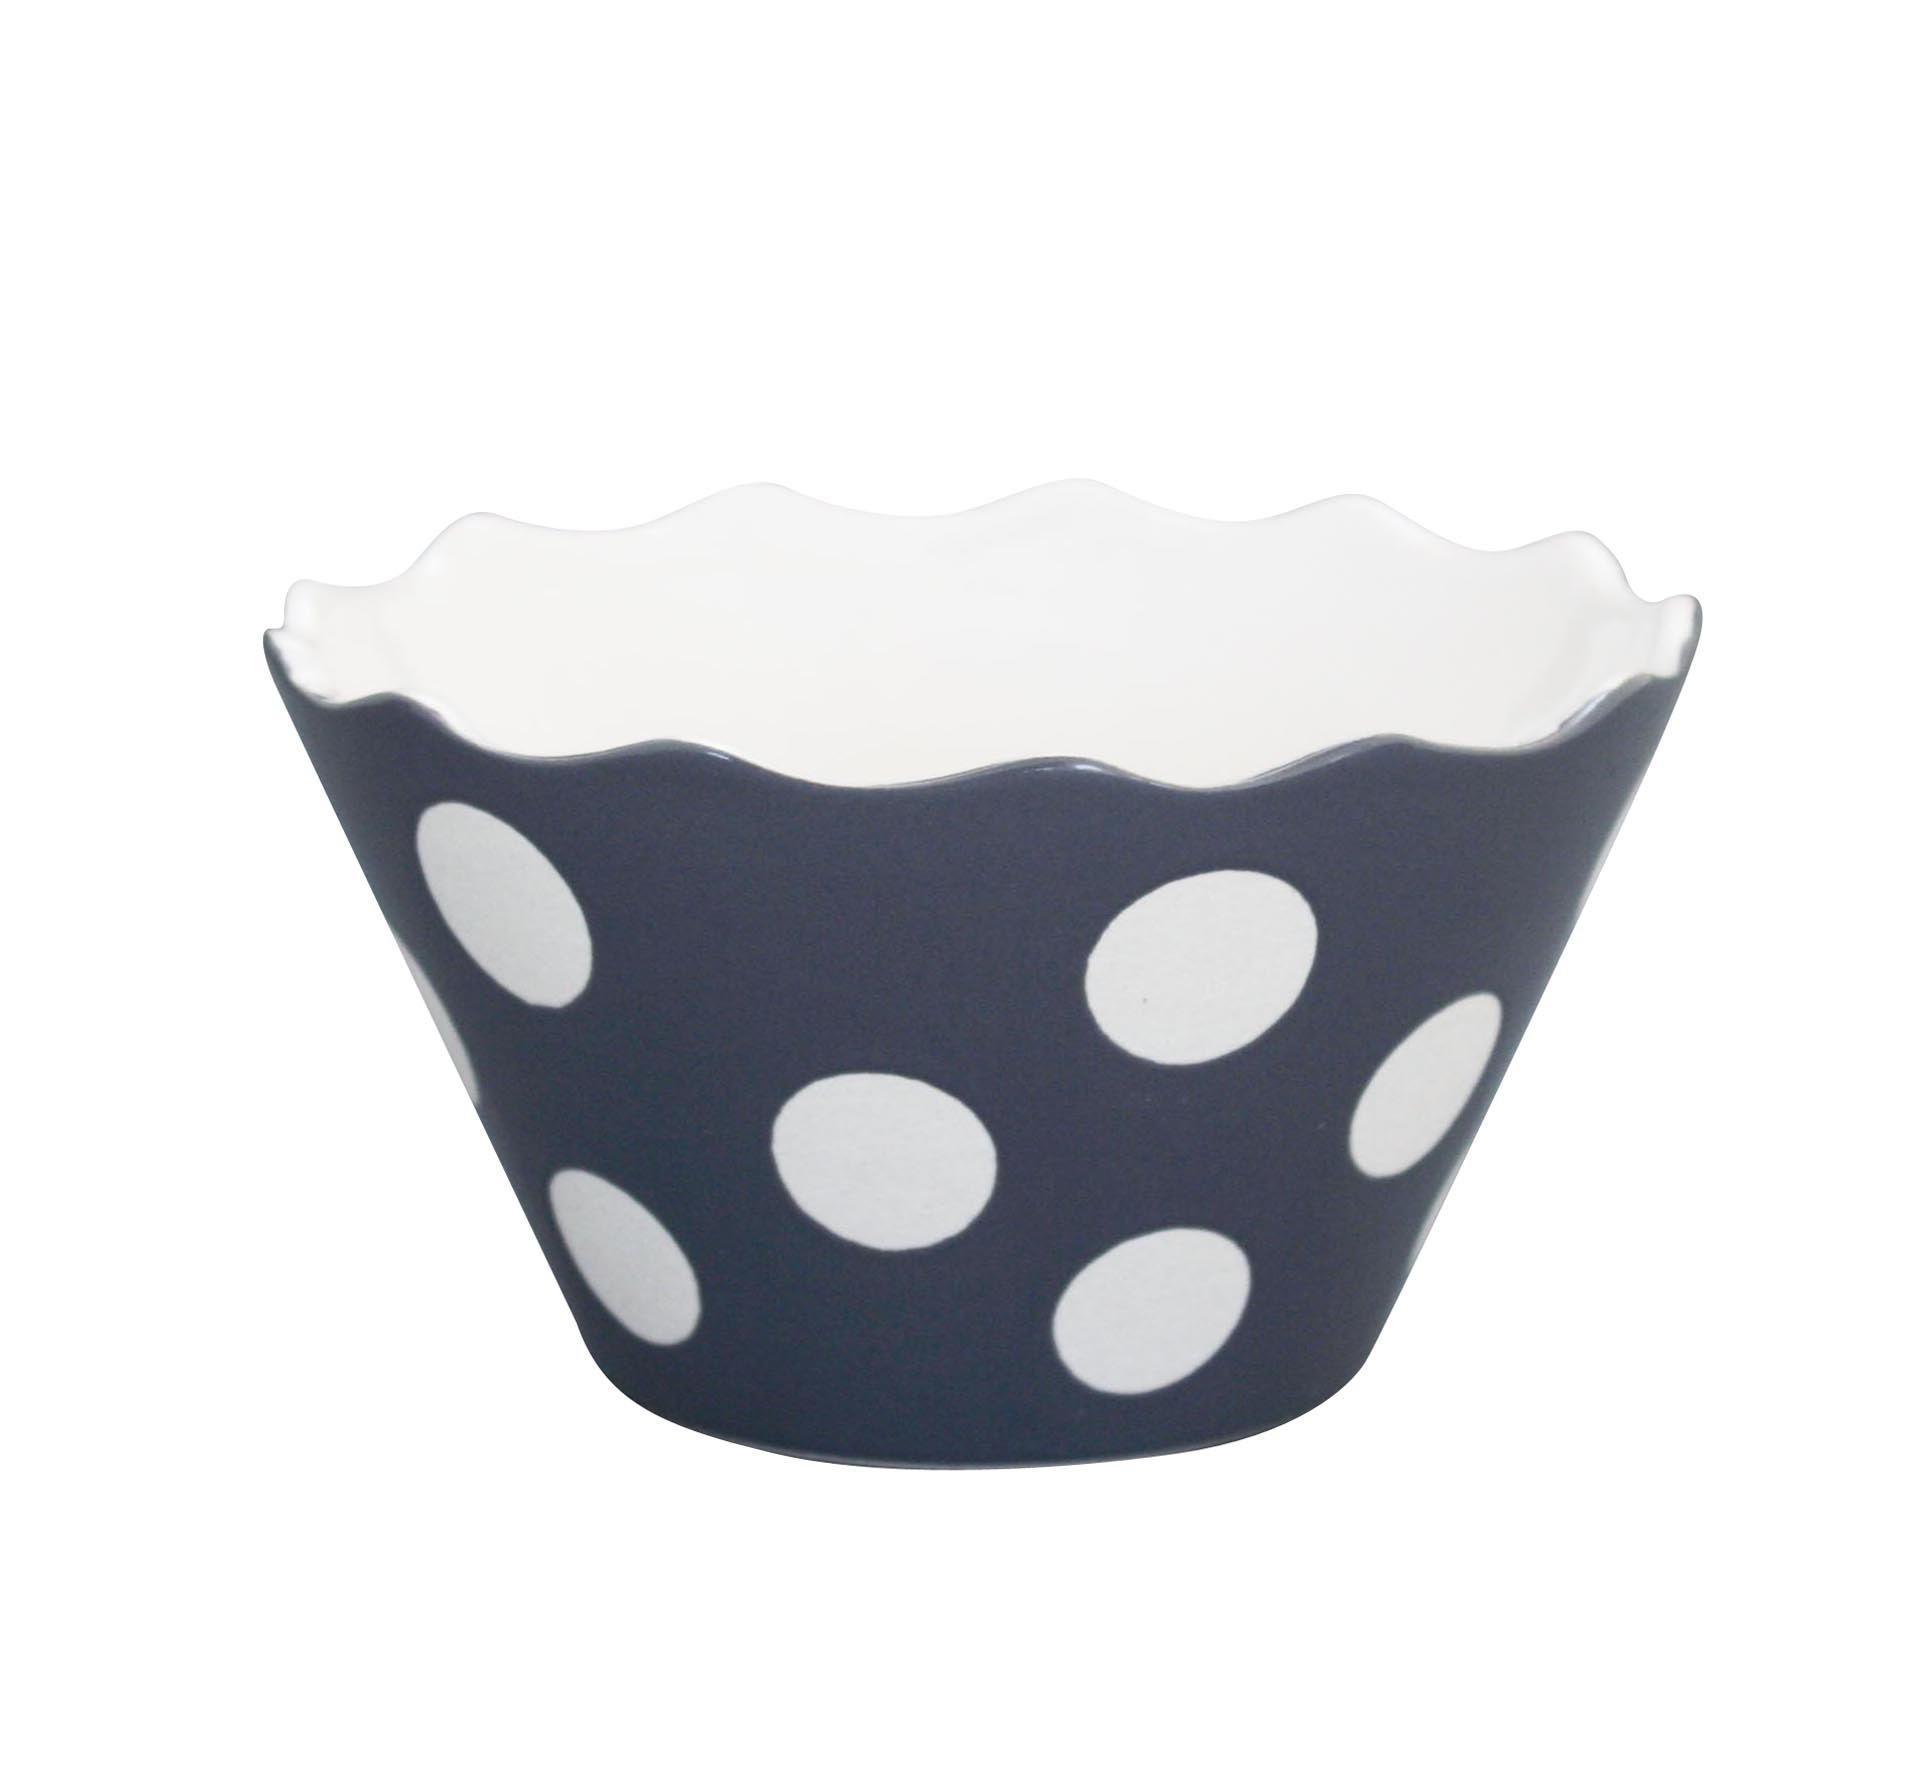 Krasilnikoff Mistička Charcoal big dots, šedá barva, keramika